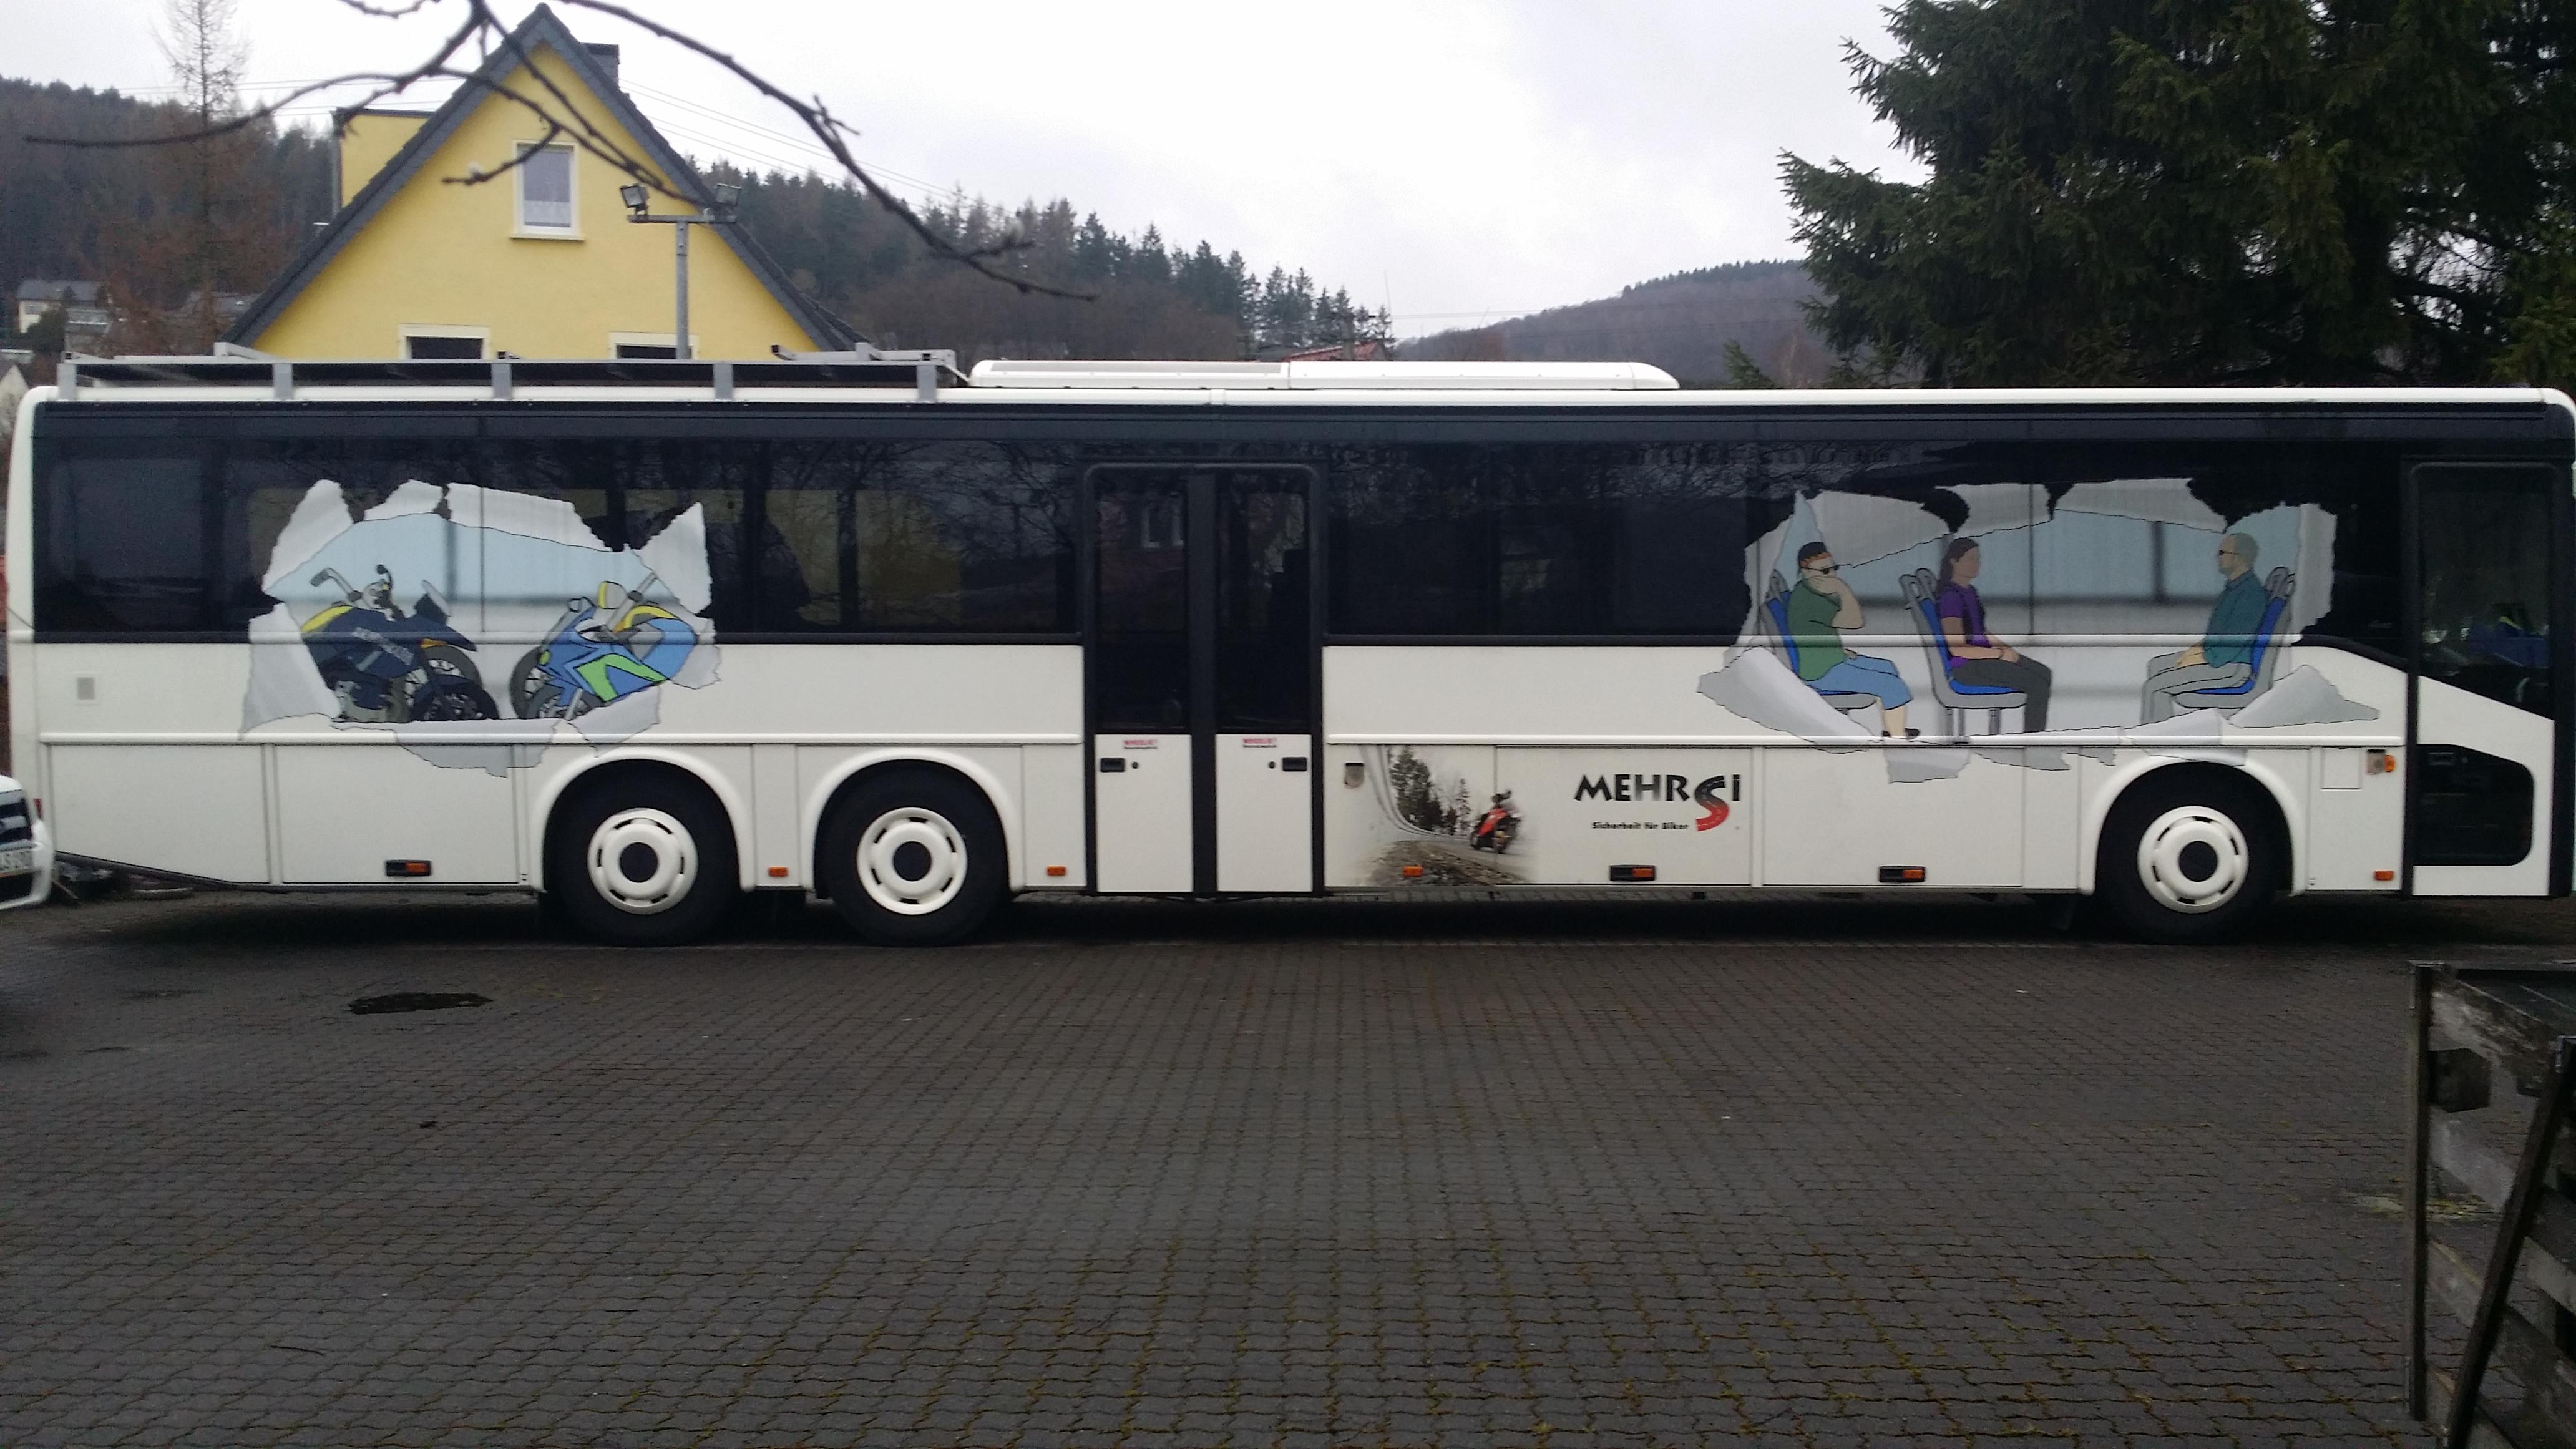 Motorrad-Reise-Bus